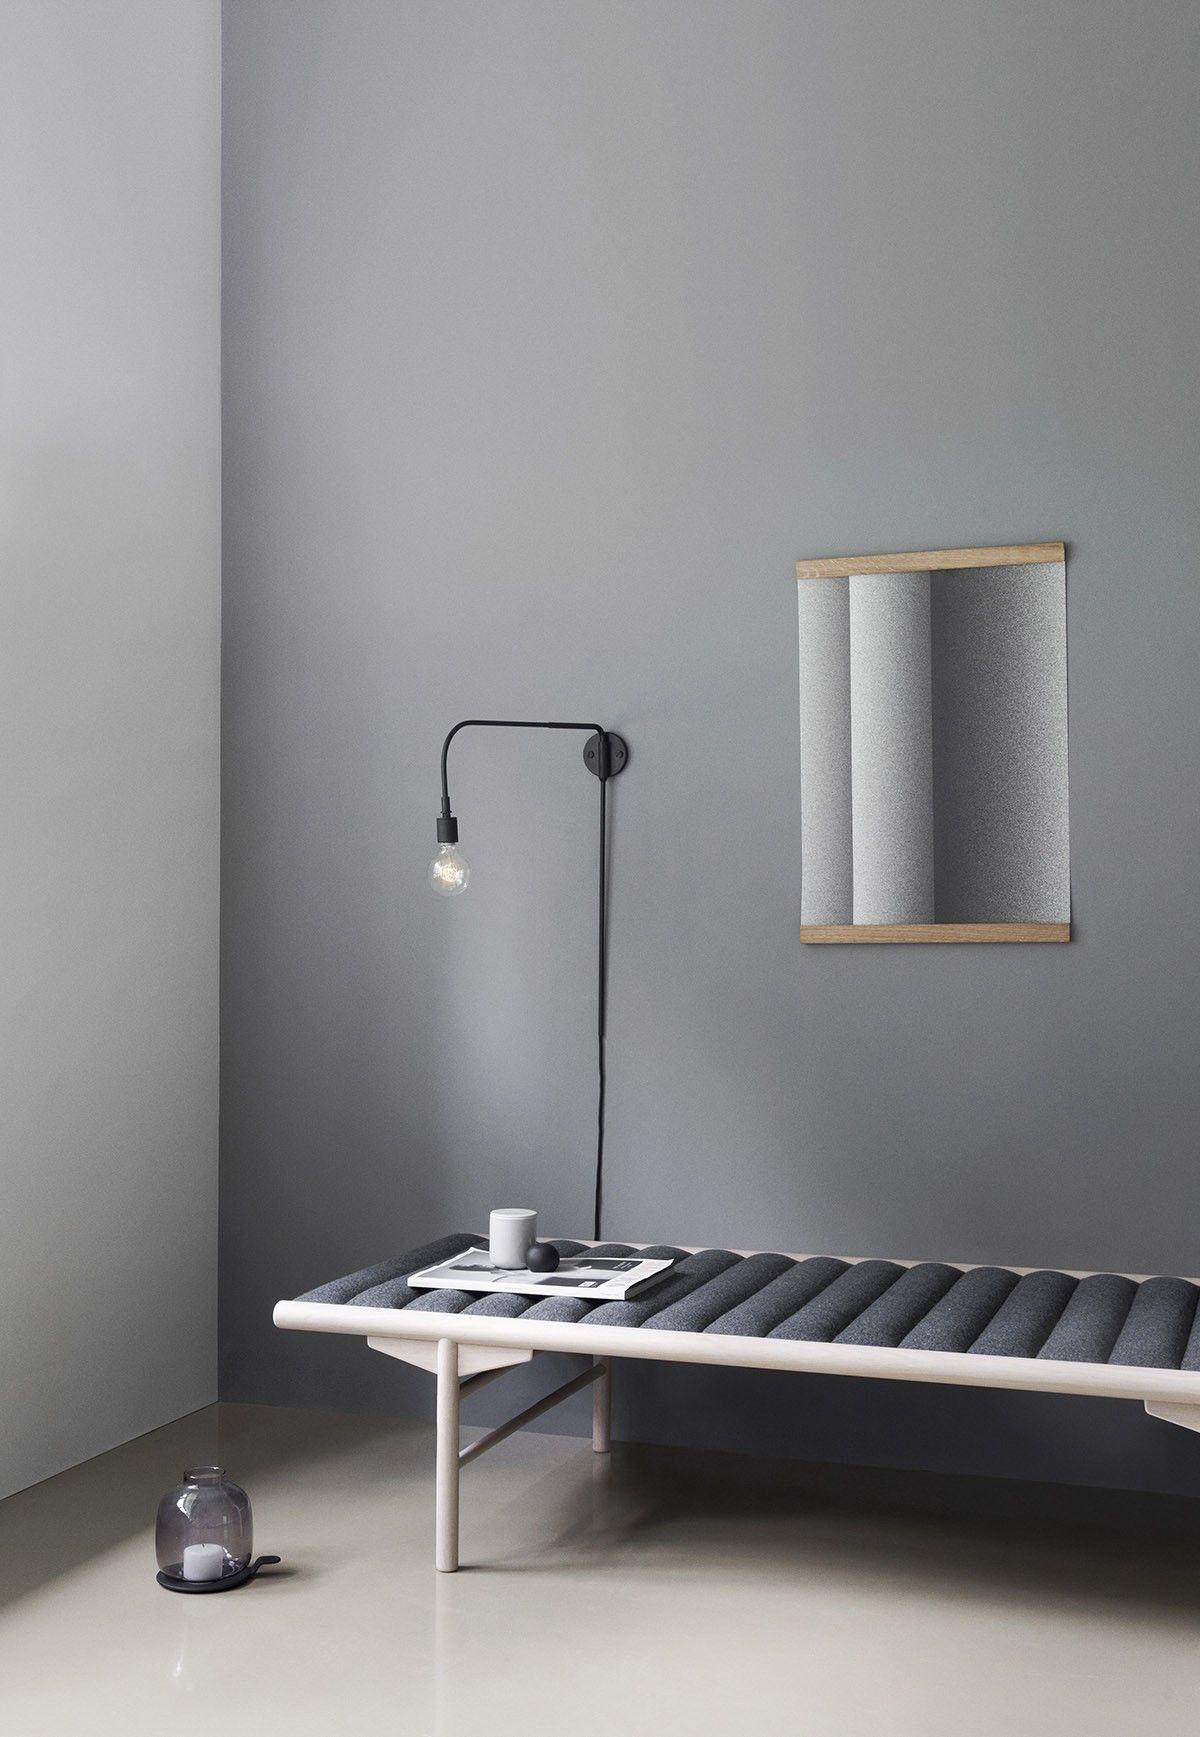 MenuSalons Modernes Applique Lampe Doré Murale Warren rodBtQsChx